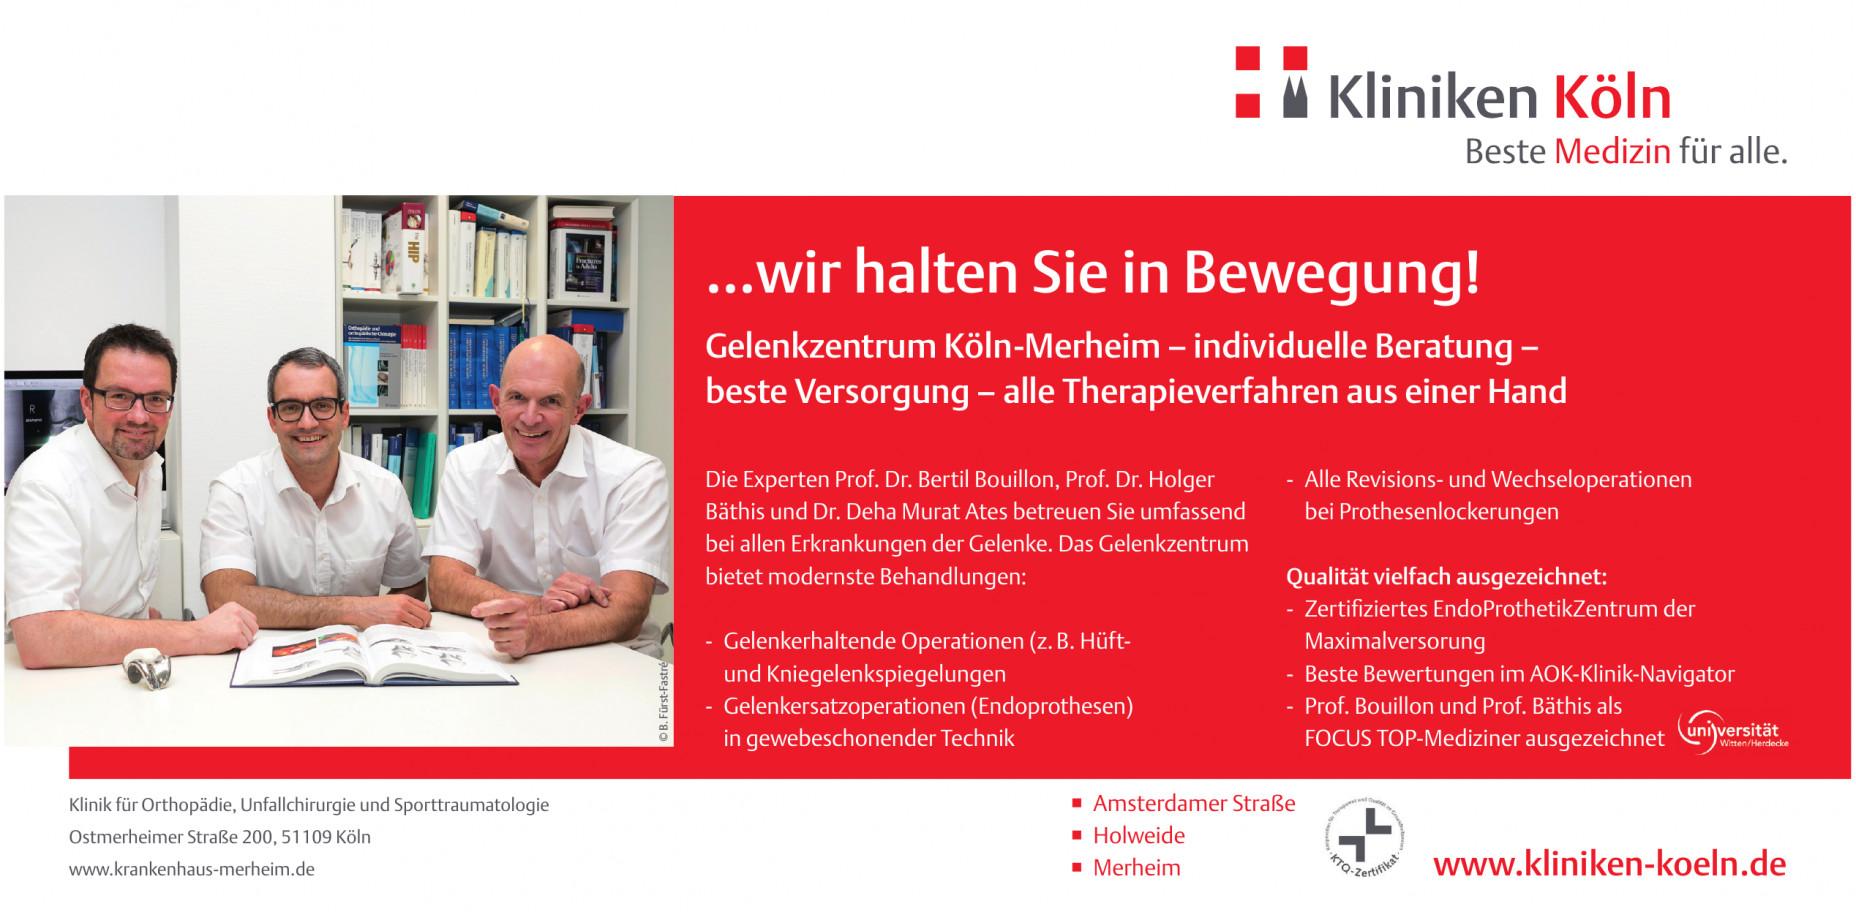 Lungenklinik Krankenhaus Merheim, Klinikumder UniversitätWitten/Herdecke